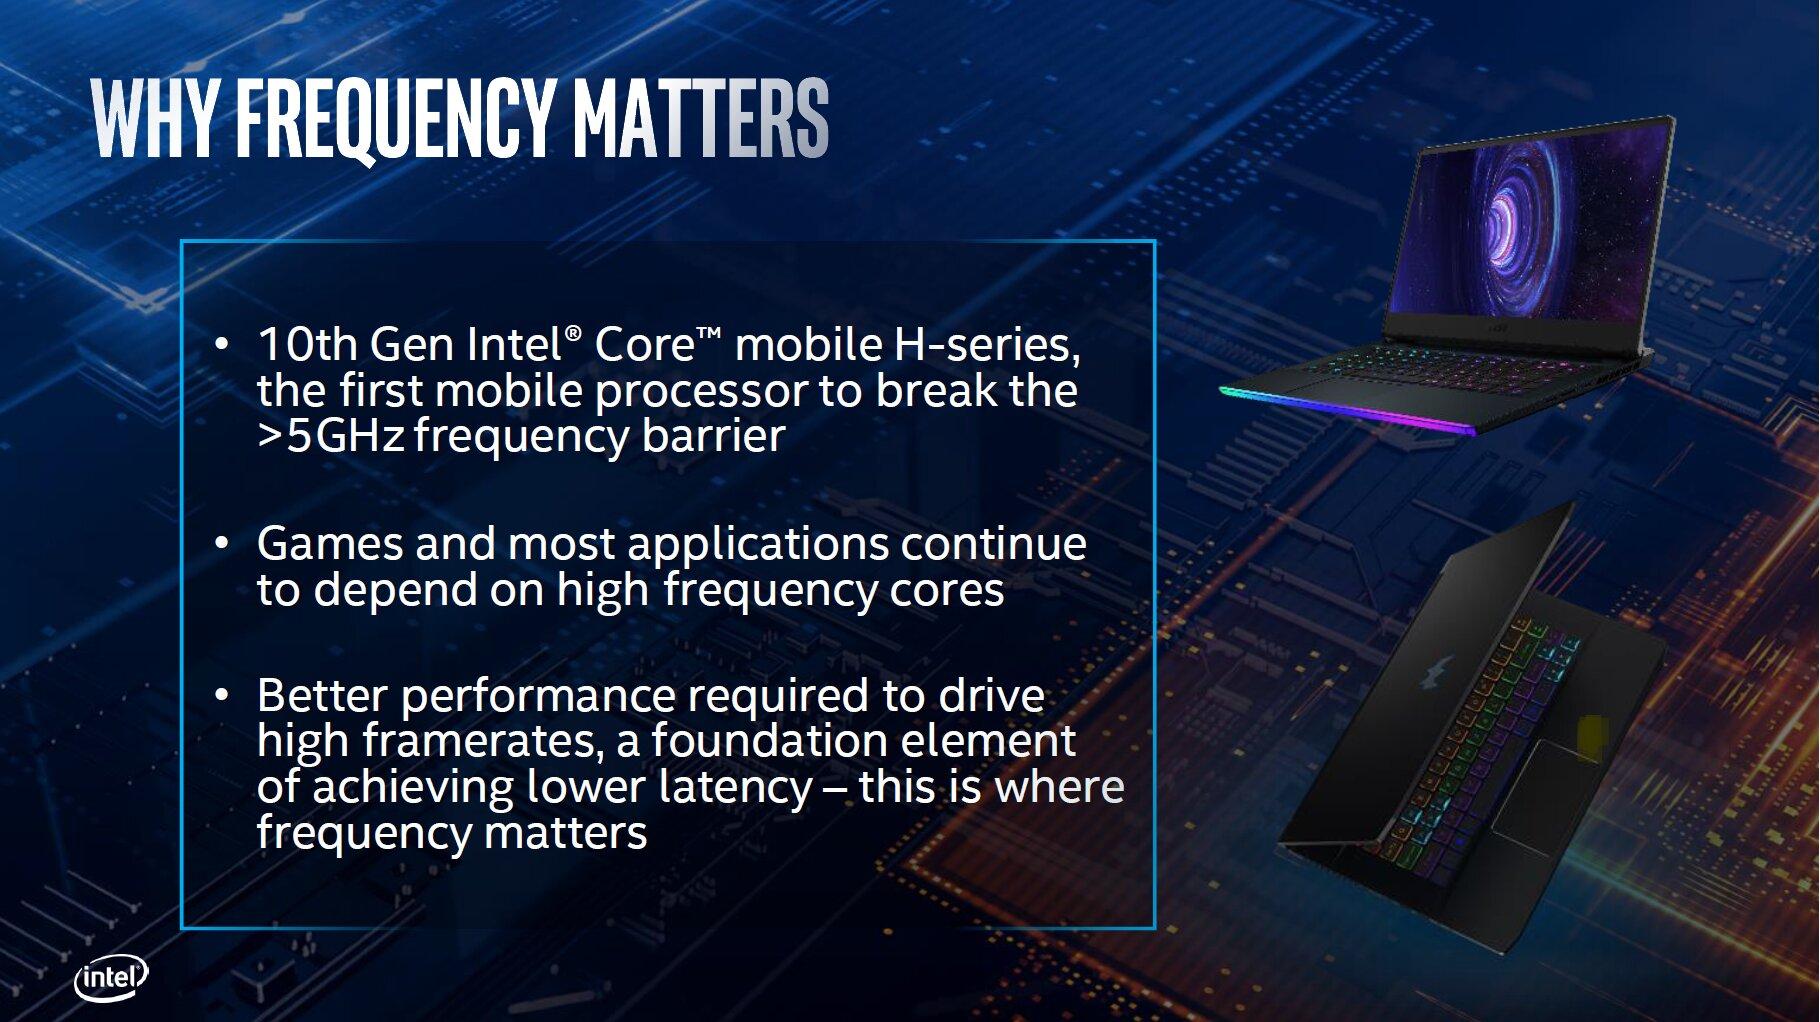 Bei Intel rückt Takt noch mehr in den Fokus